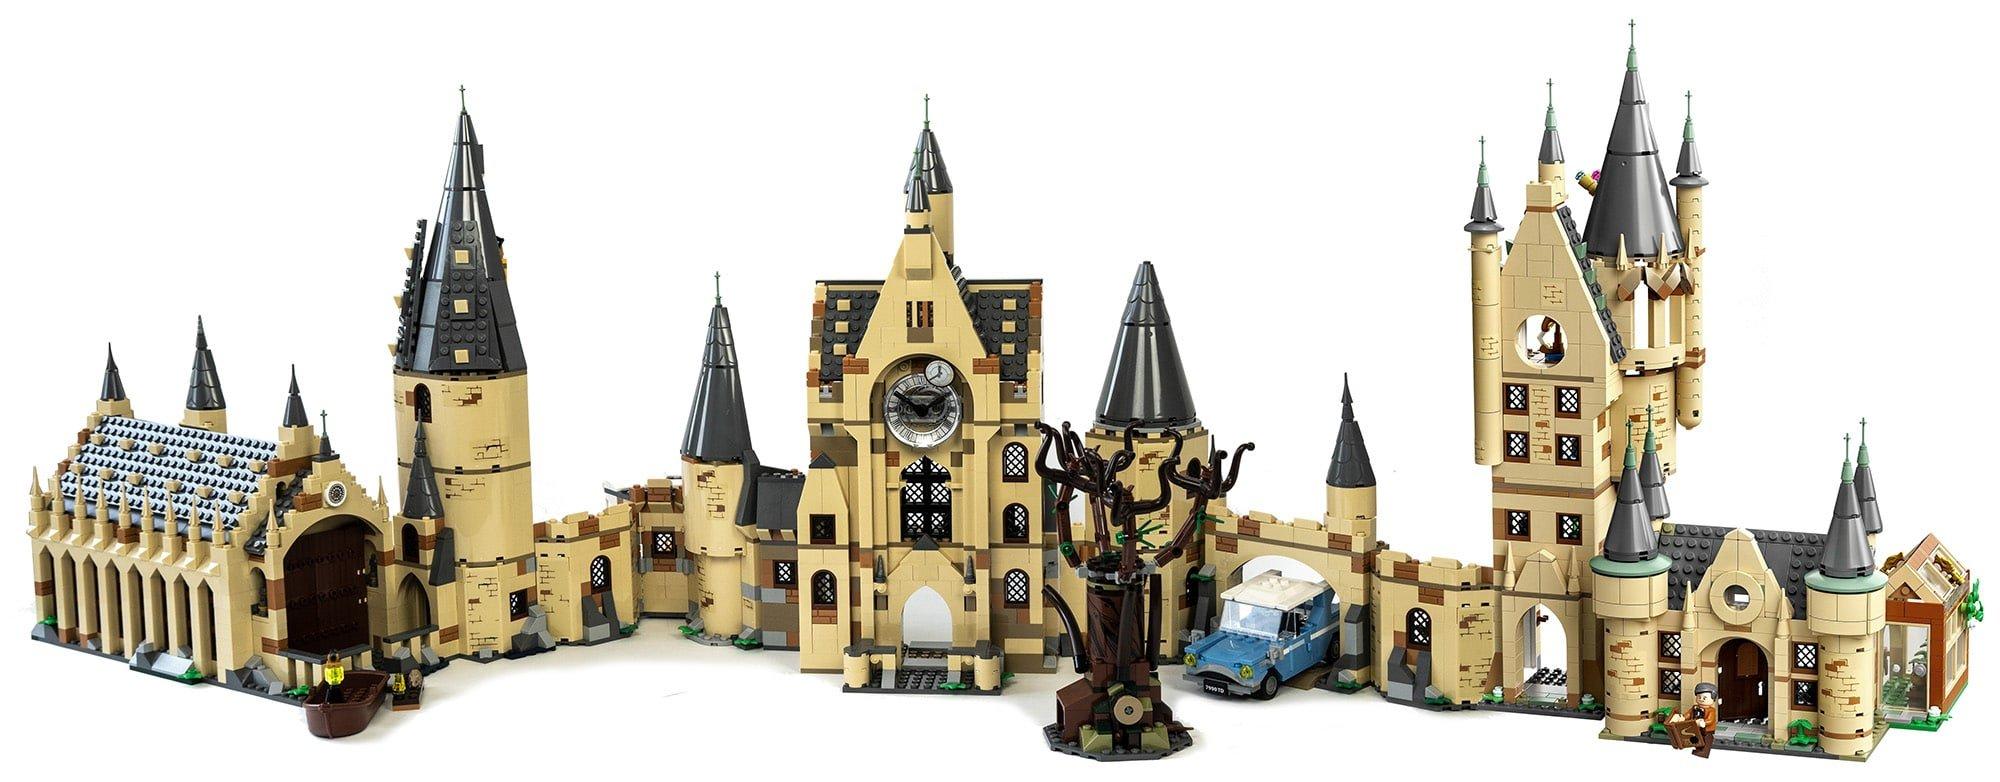 lego-harry-potter-75969-erweiterung.jpg